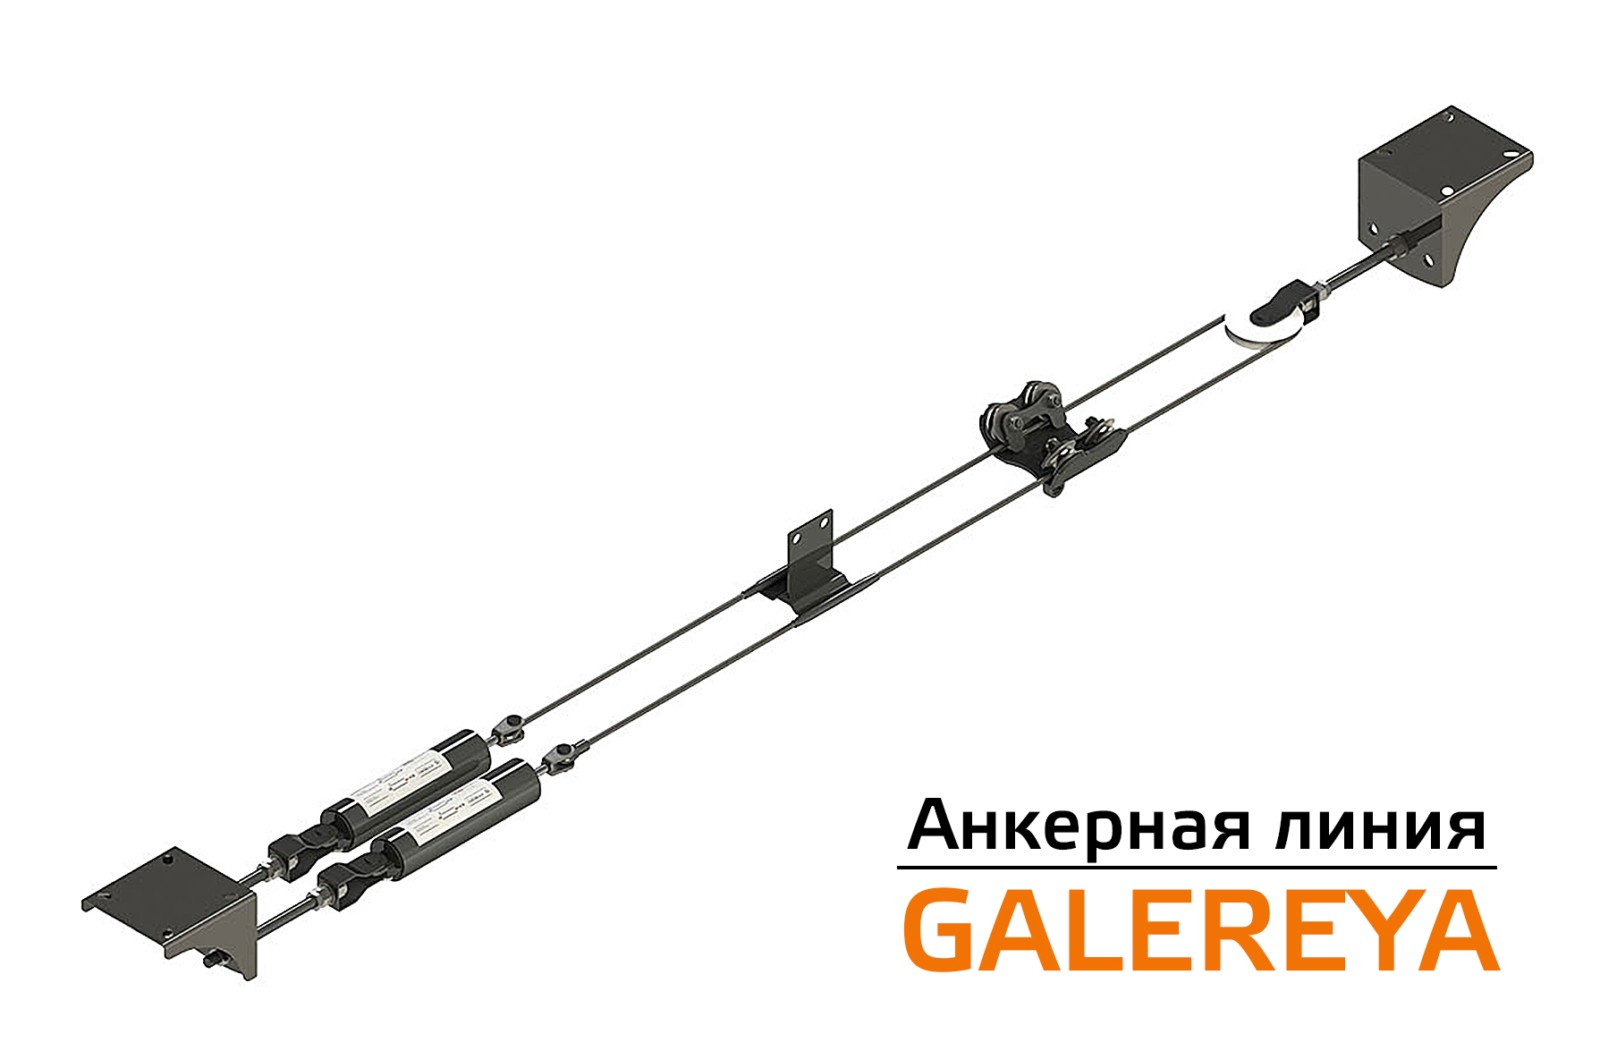 ГТ Горизонтальная гибкая двутроссовая анкерная линия GALEREYA   High Safety   Высота СЗ